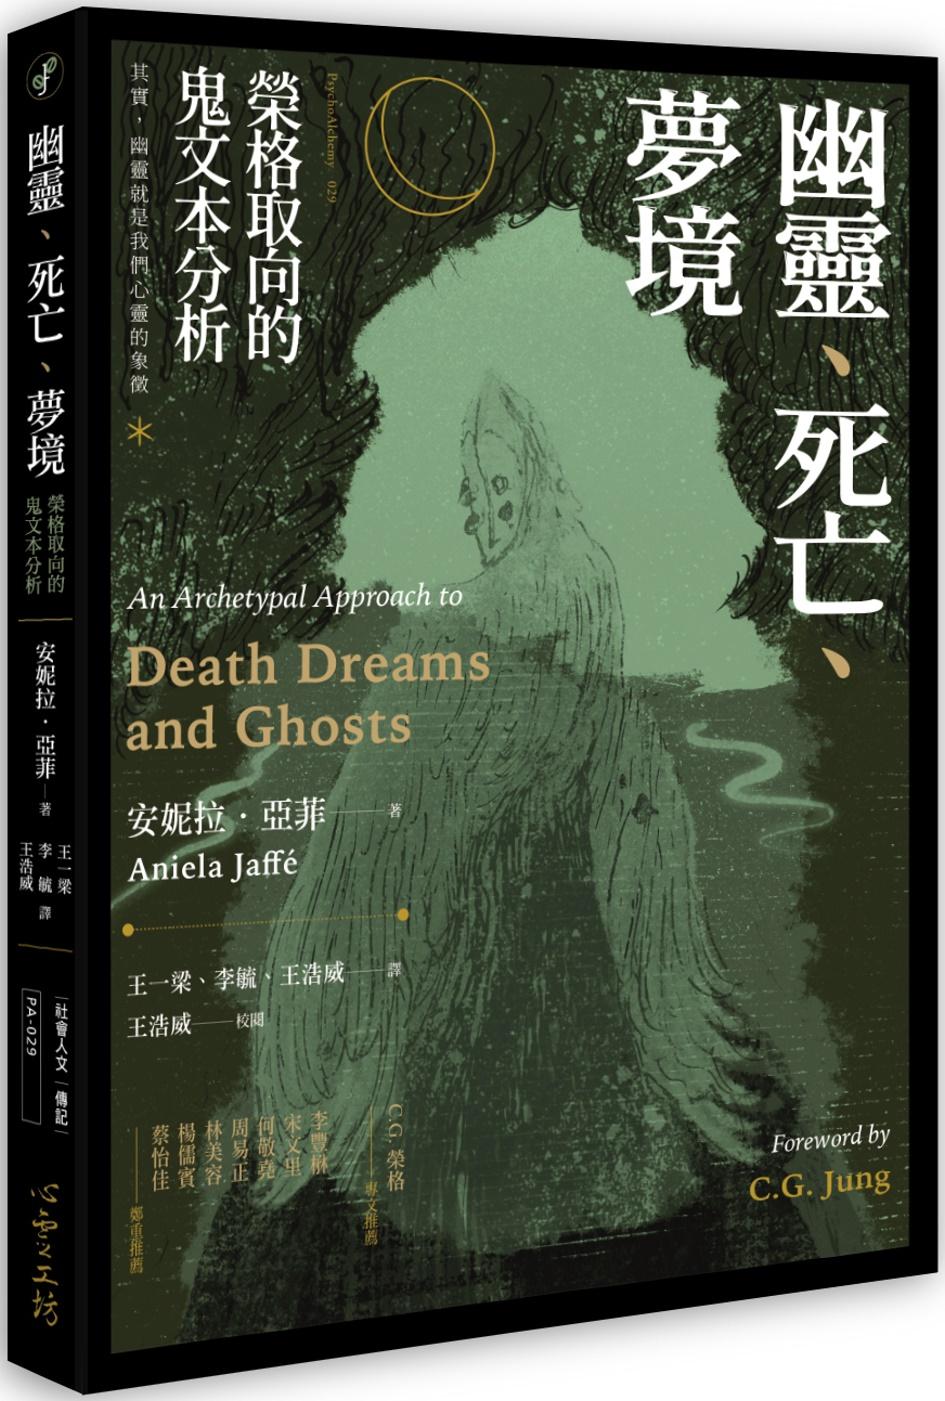 幽靈、死亡、夢境:榮格取向的鬼...